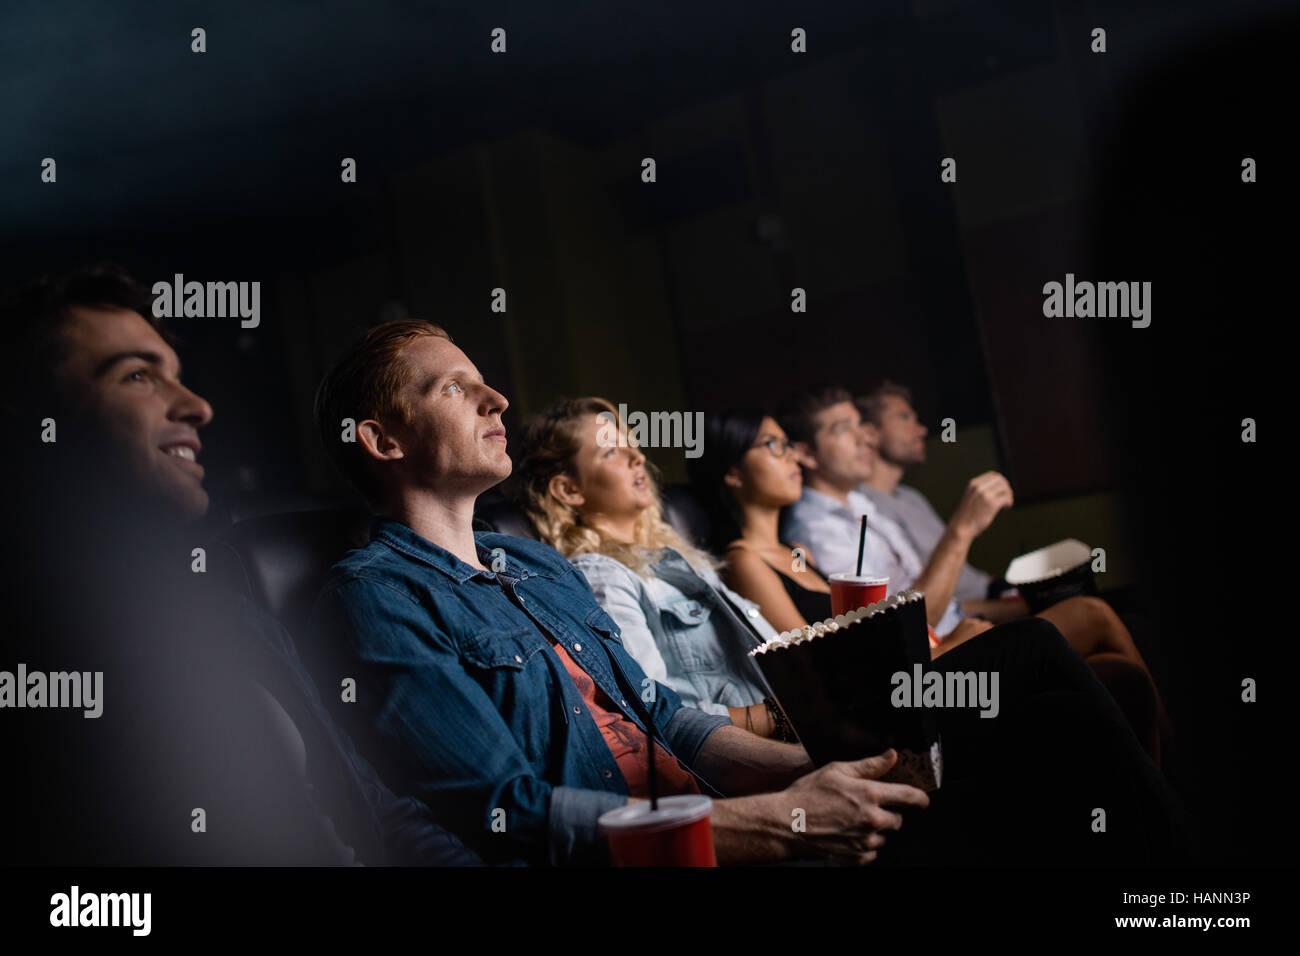 Jeune homme avec des amis en salle de cinéma regarder la vidéo. Groupe de personnes regarder la vidéo Photo Stock